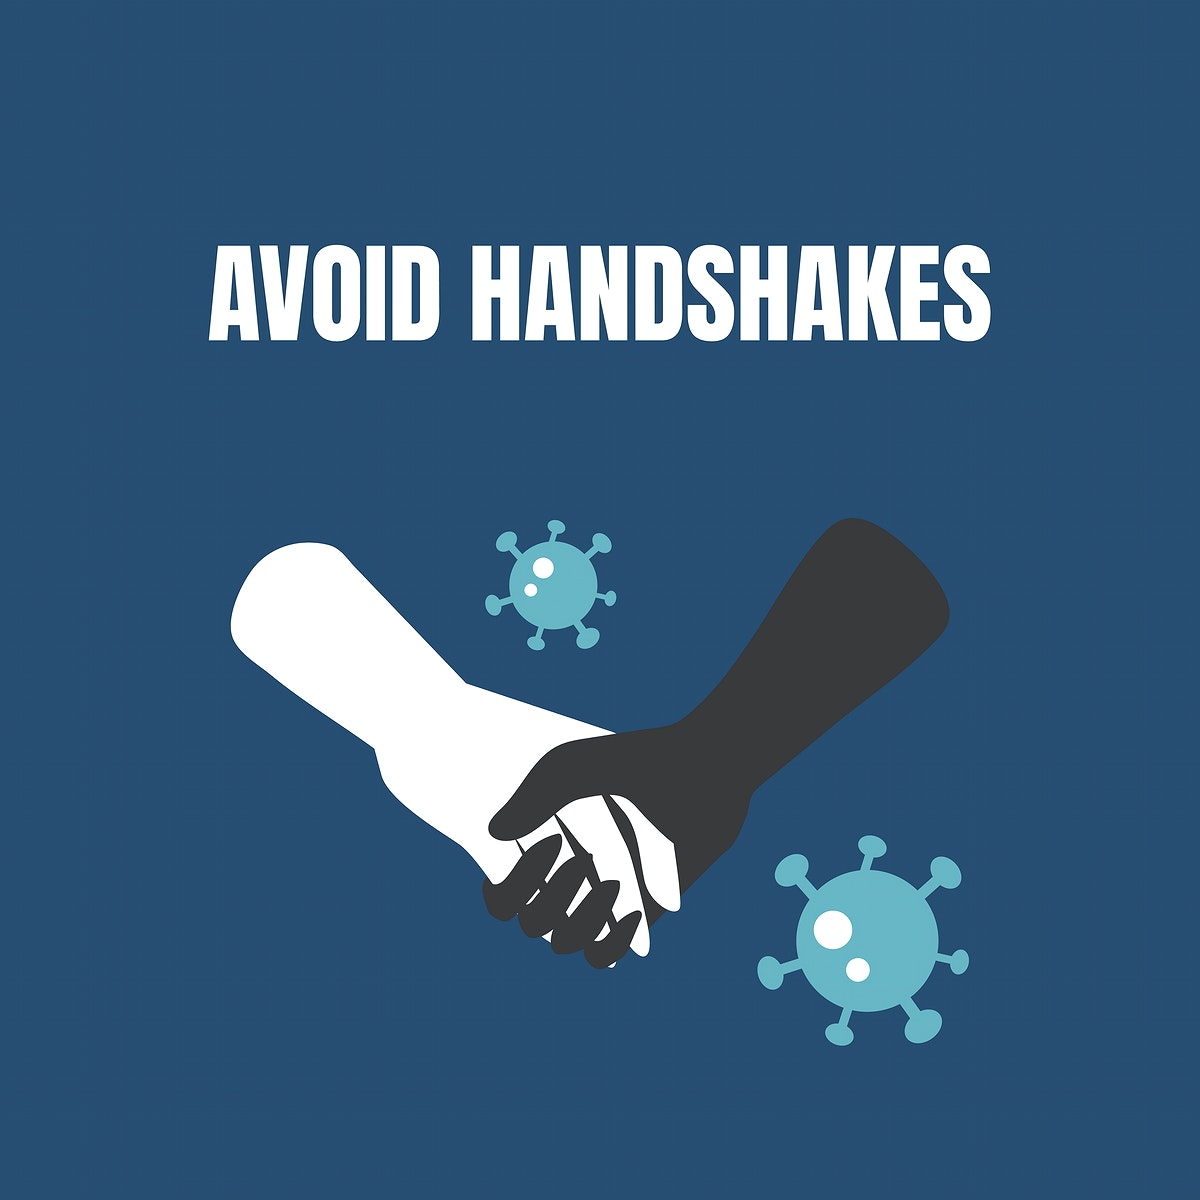 Avoid handshakes coronavirus awareness message vector